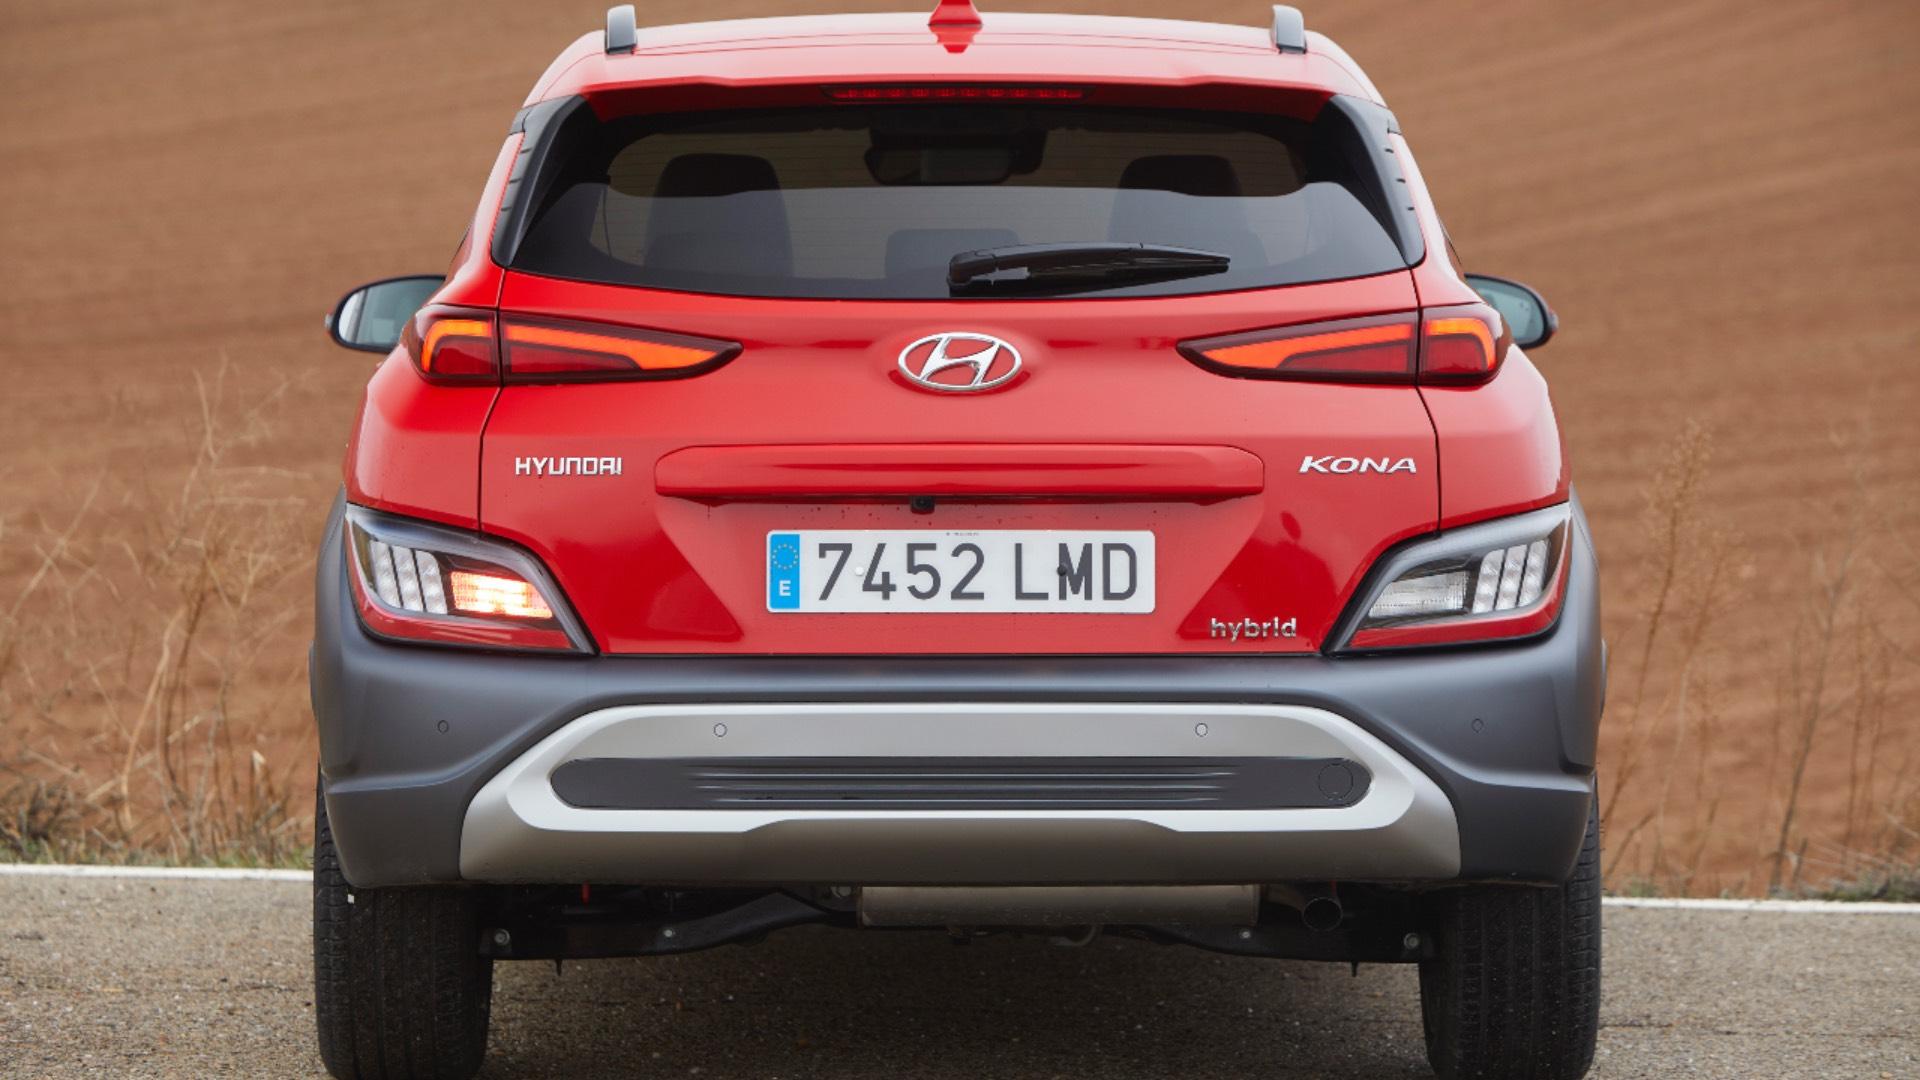 Branded La Razón Hyundai Clipcontent 22